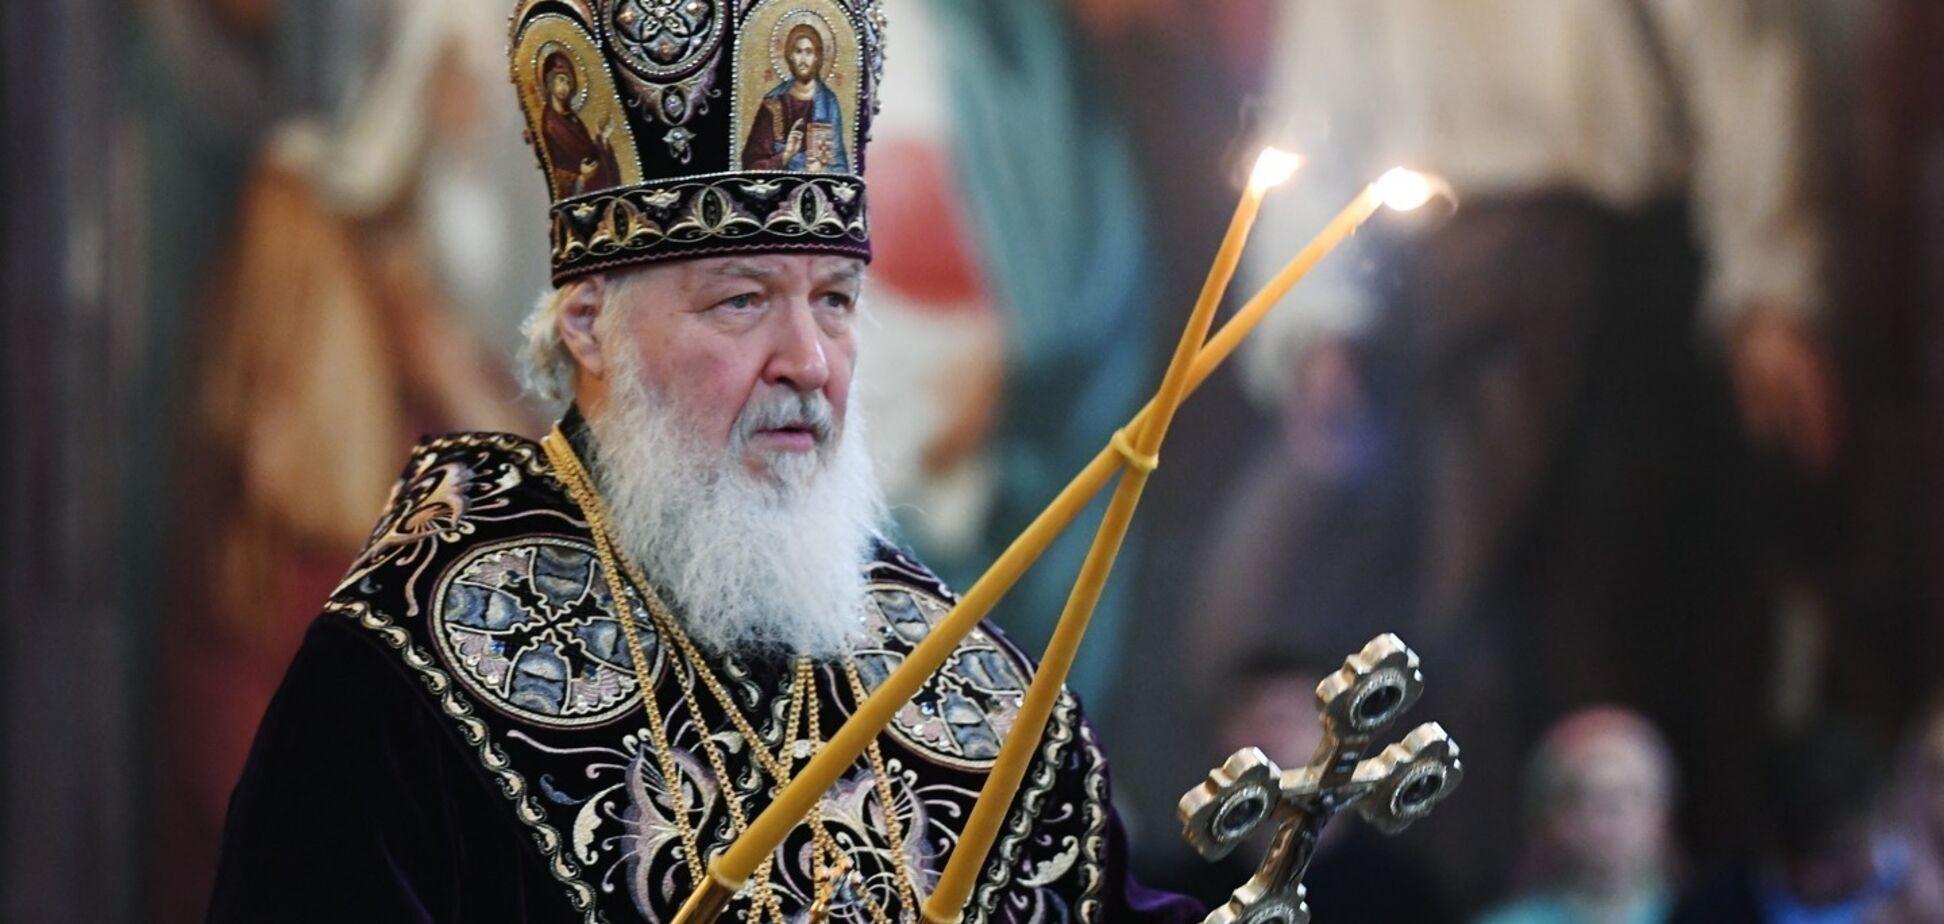 РПЦ втрачає авторитет в світі: в Україні зробили заяву